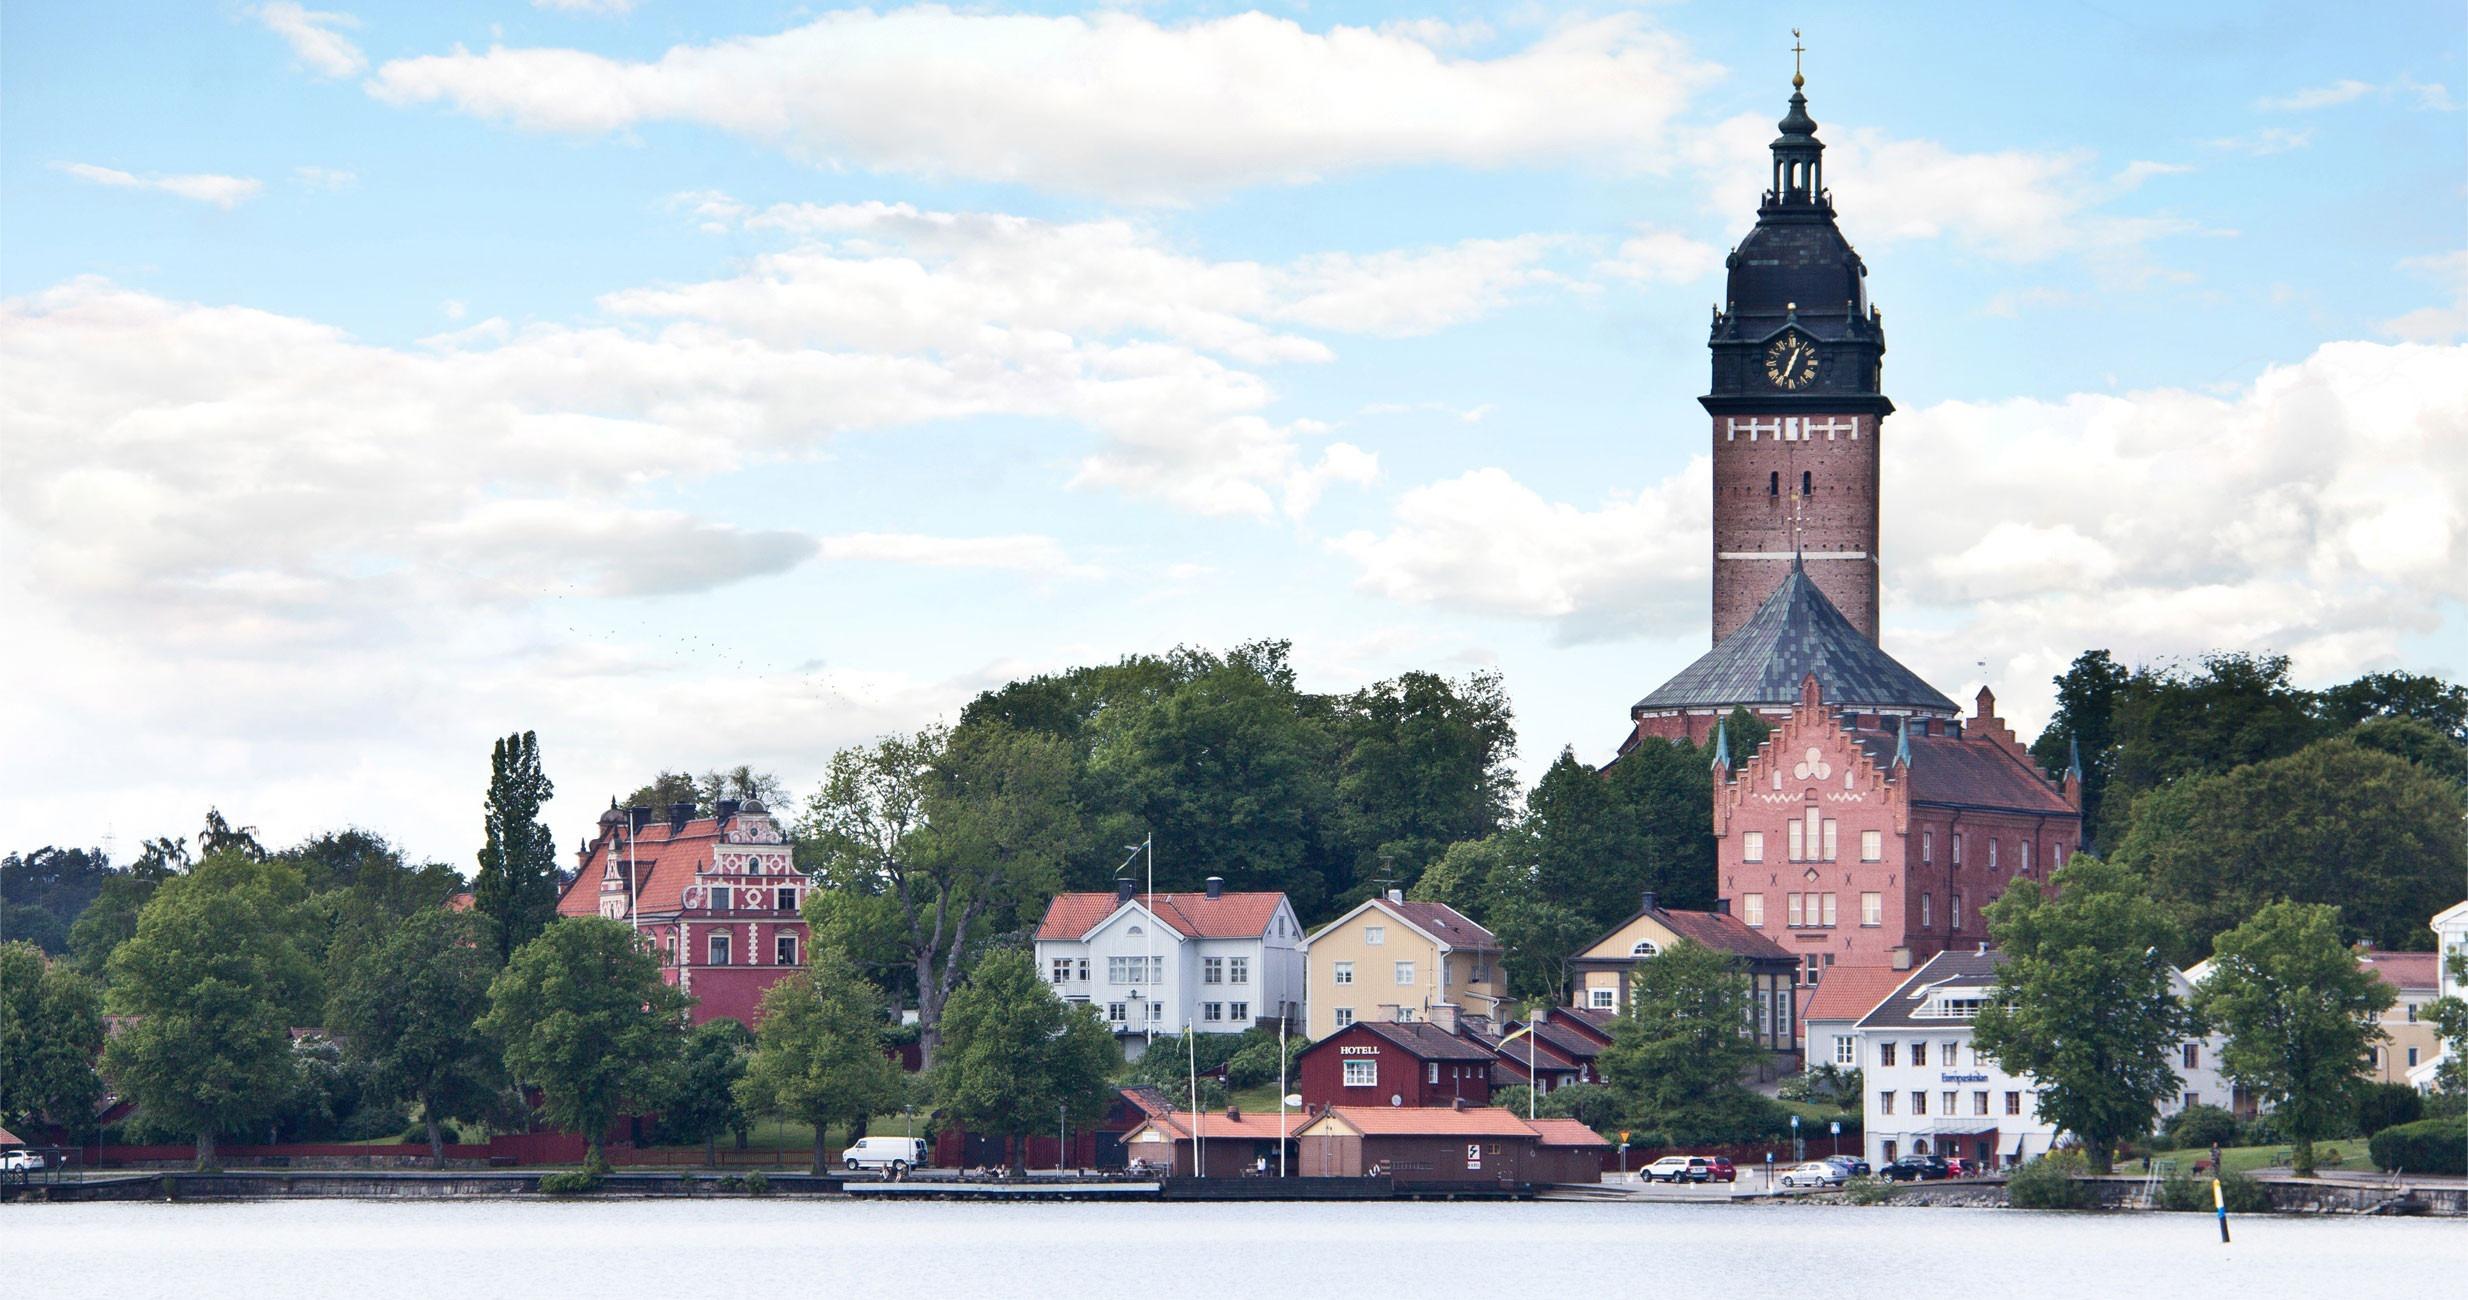 Fastighetsmäklare i Strängnäs/Mariefred